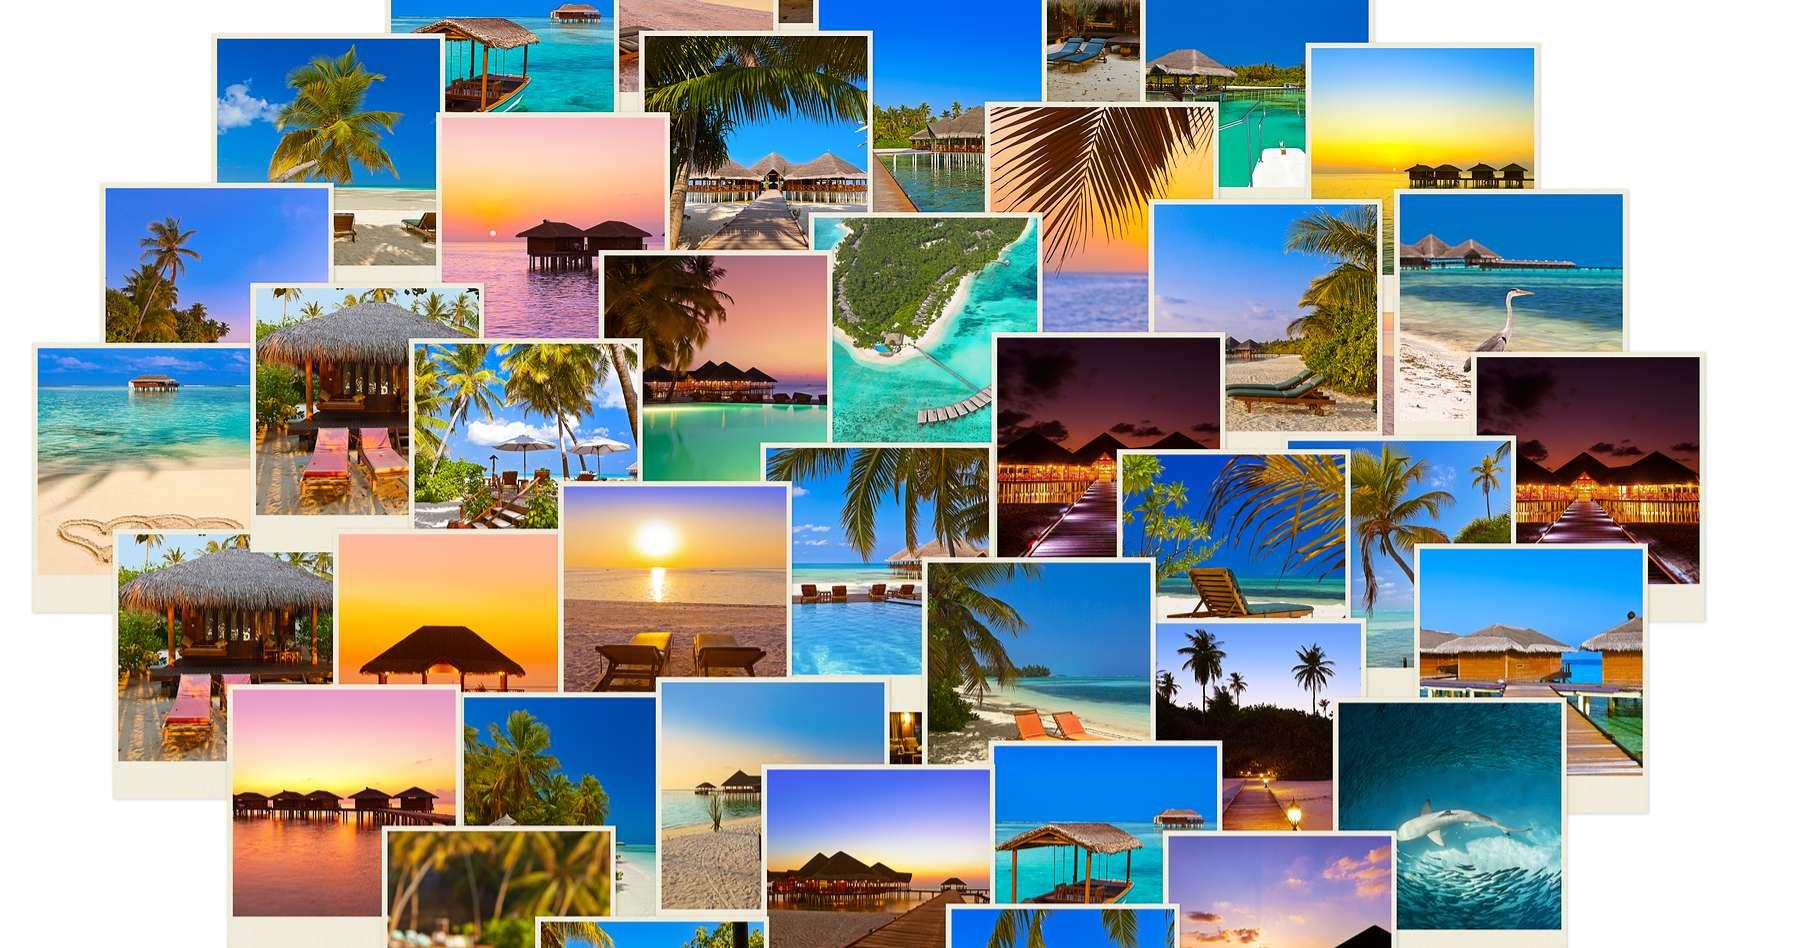 Comment Faire Une Recherche Google A Partir D Une Image